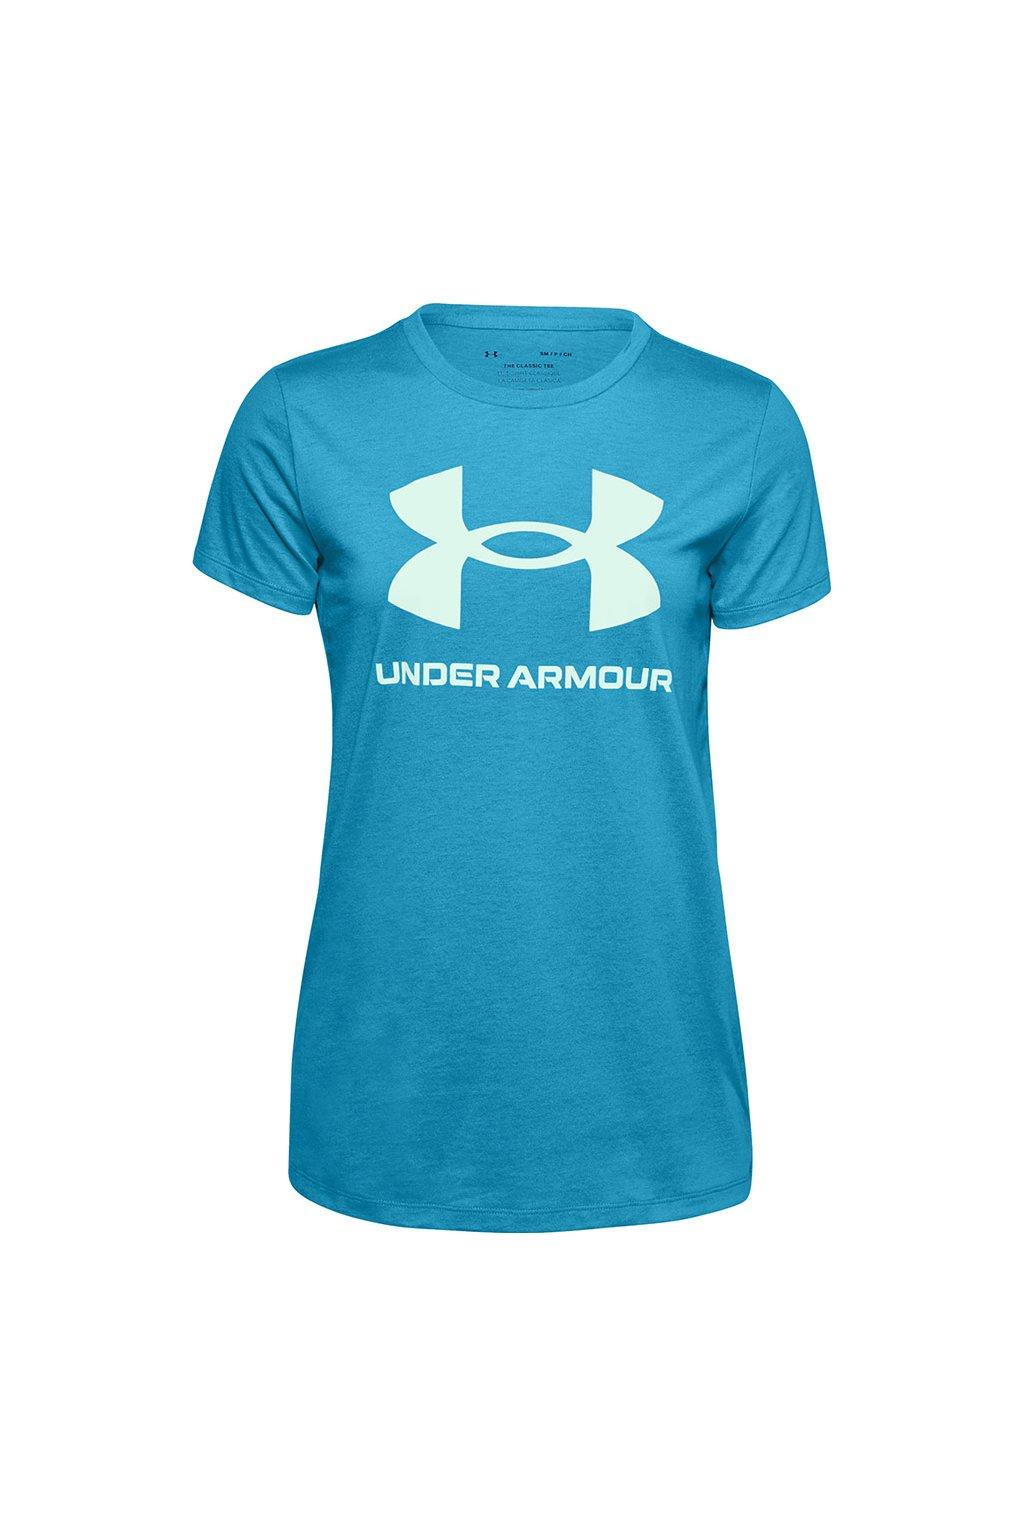 Dámske tričko Under Armour Live Sportstyle Graphic Ssc modré 1356305 431